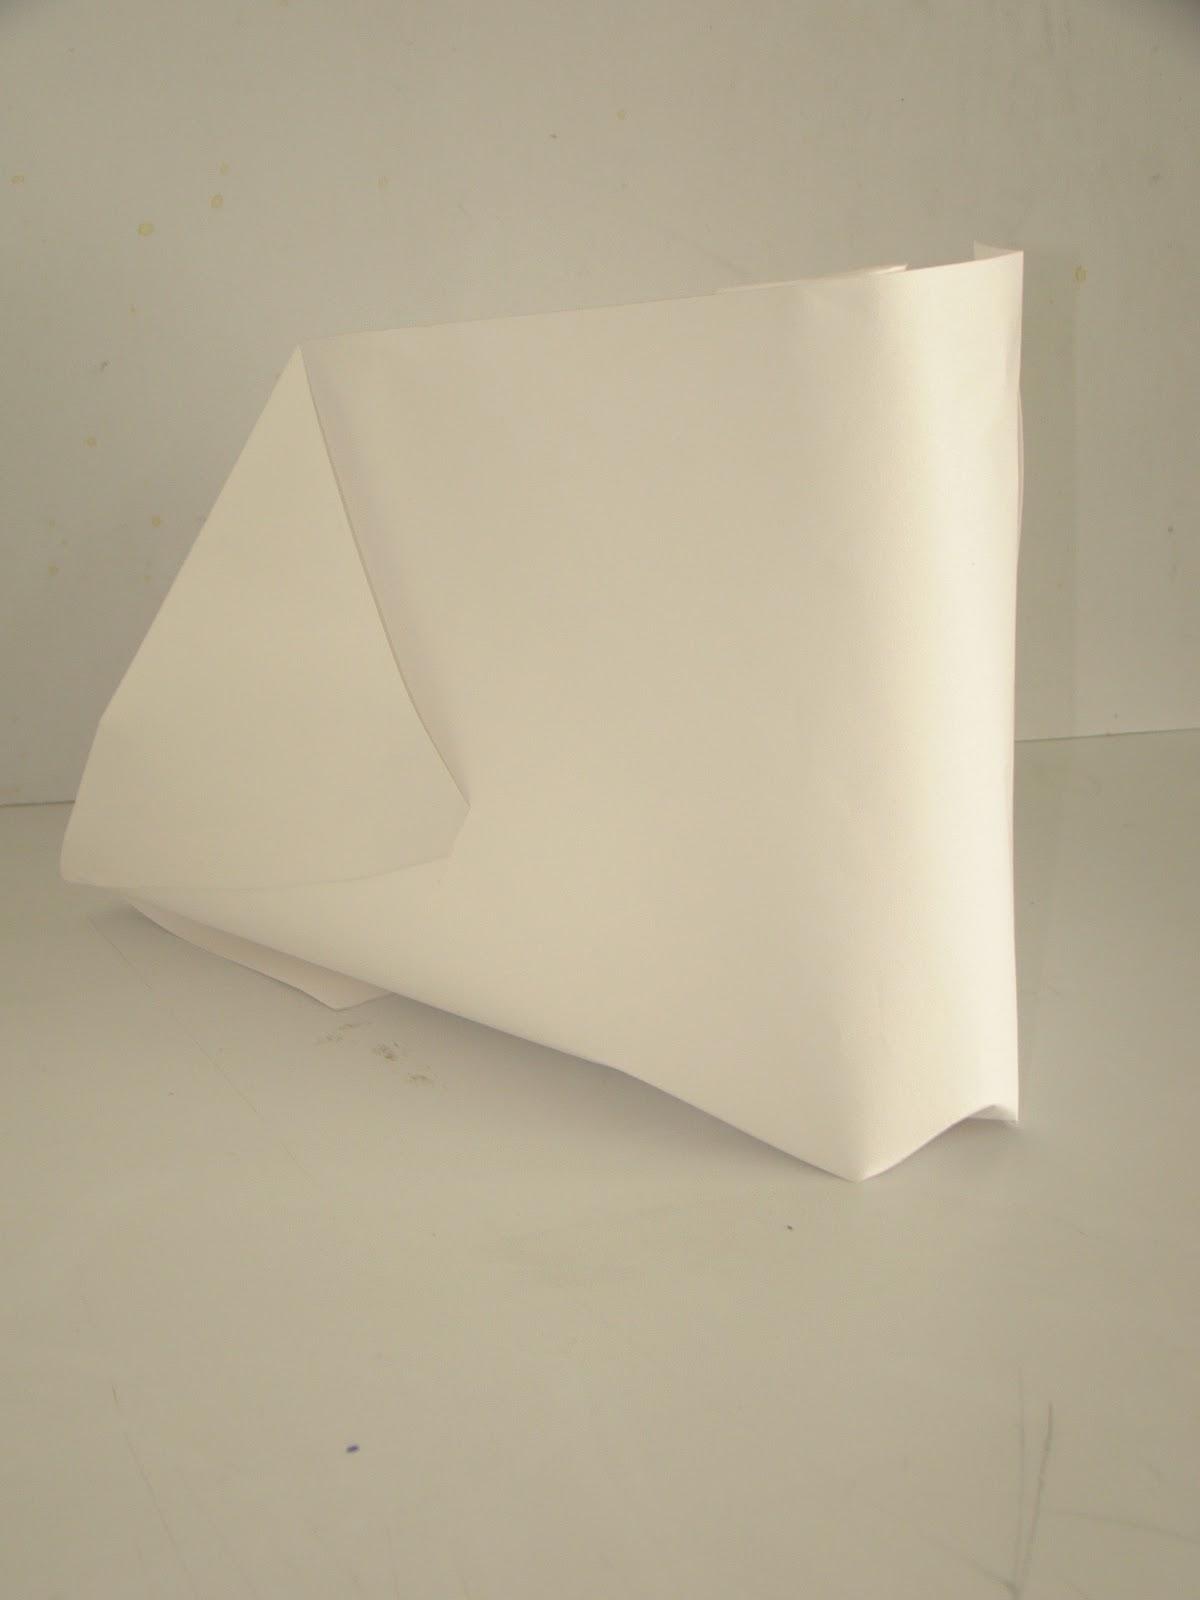 ambos Lados Nuevo 70 Hojas coloreado Cuadrados Origami Papel Pliegue Craft Kit SIL